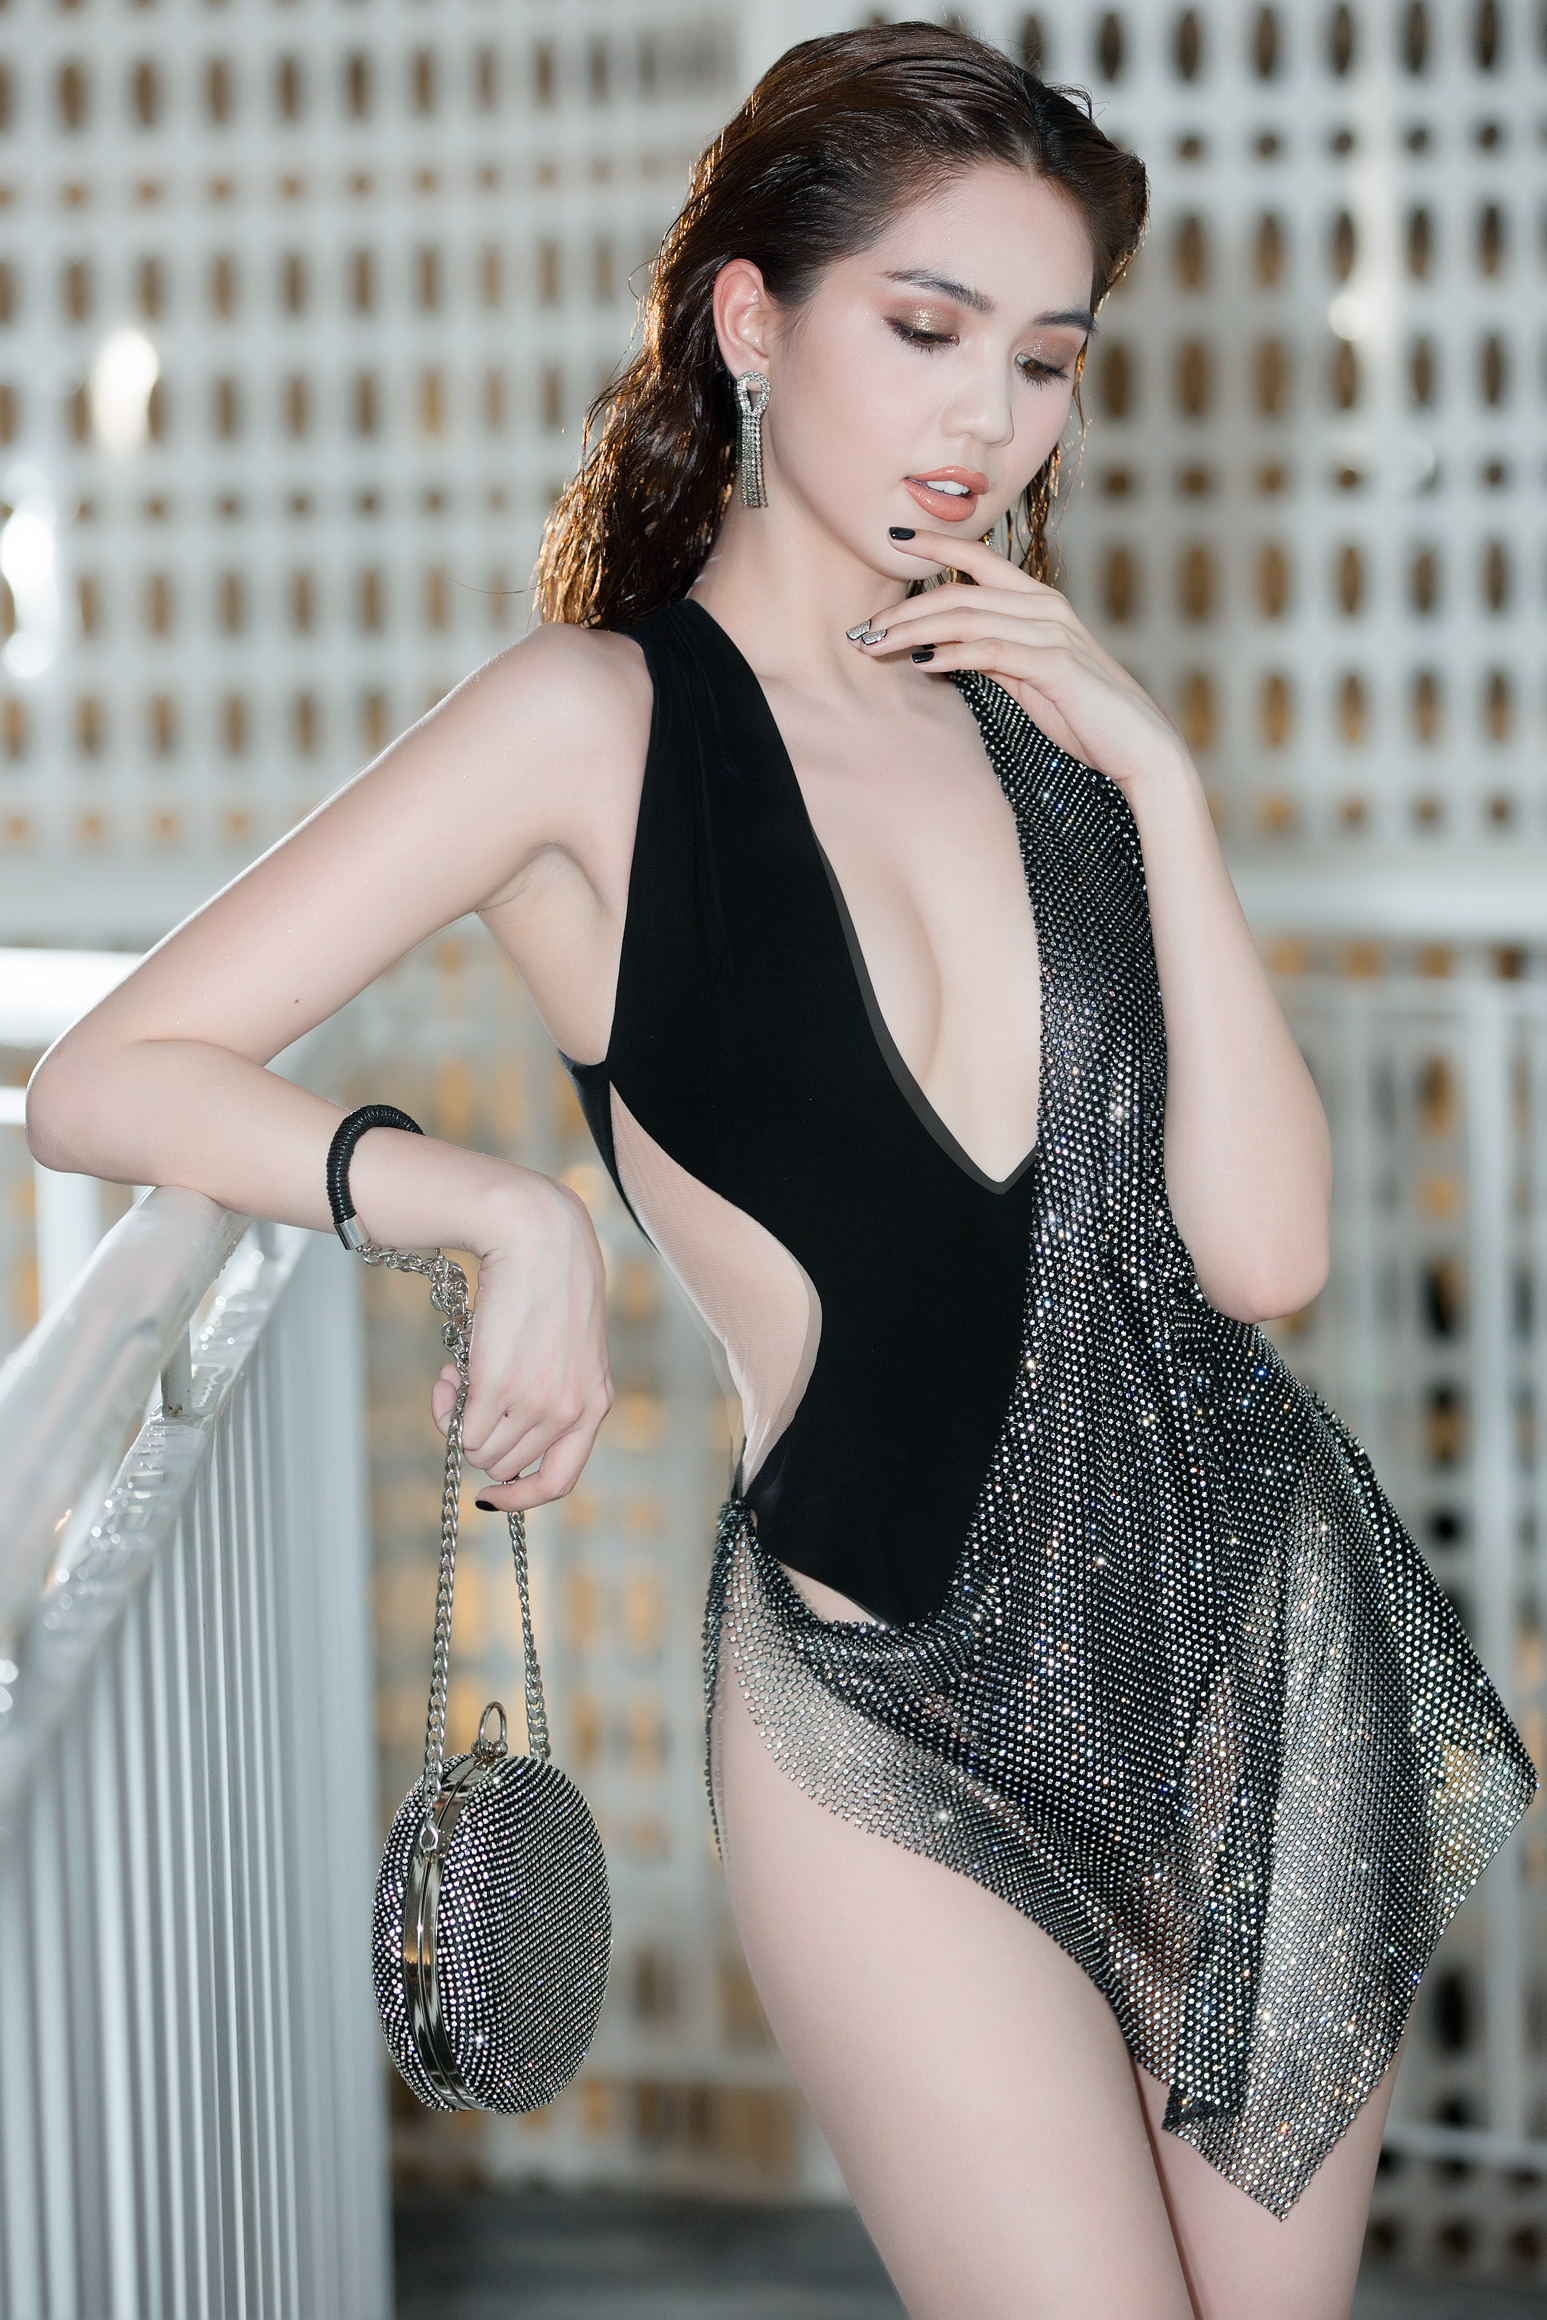 Hậu Cannes, Ngọc Trinh dằn mặt antifan với bộ trang phục chẳng khác gì bikini quấn khăn trên thảm đỏ